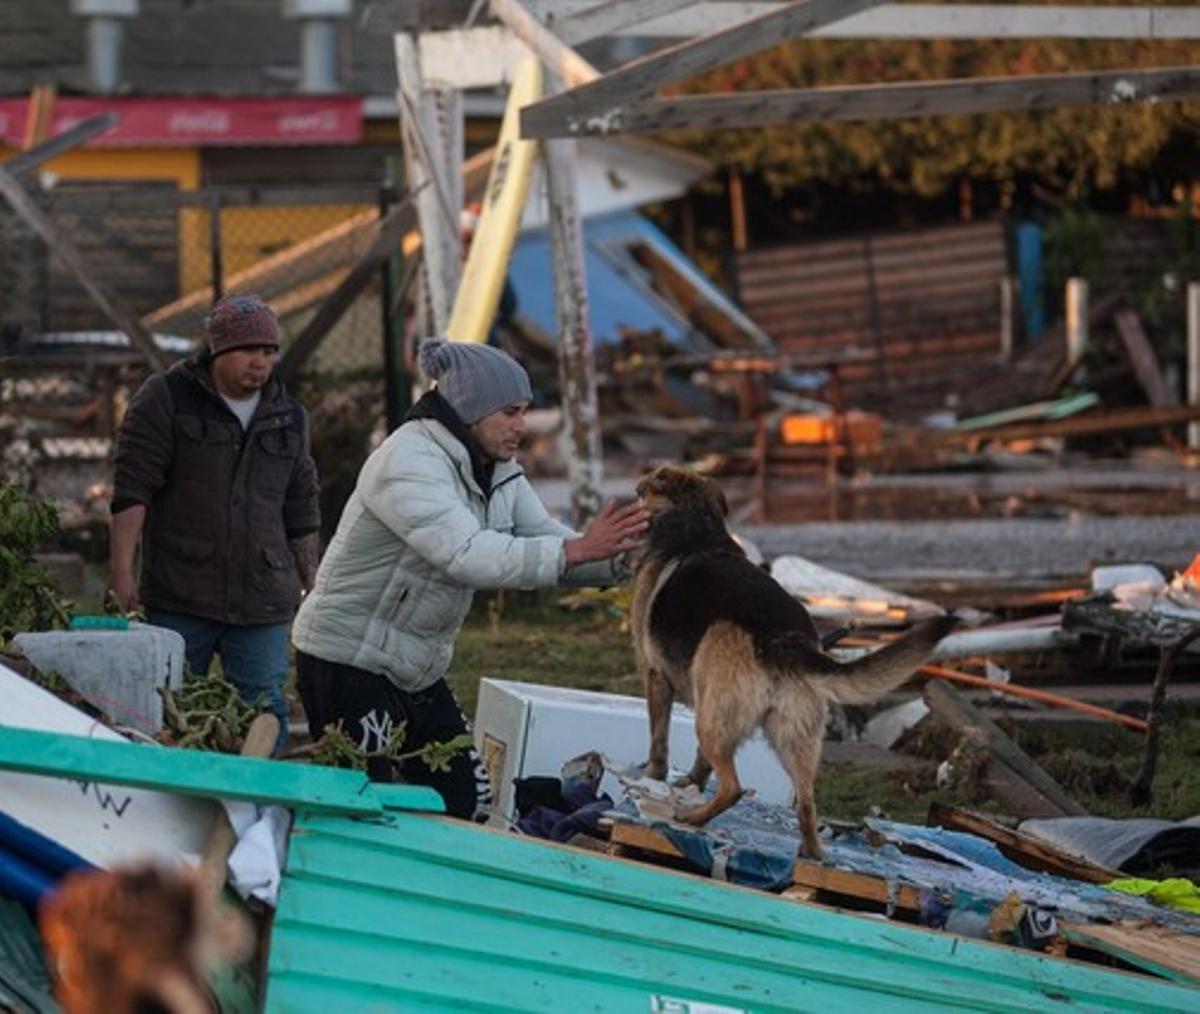 Un grupo de evacuados se reencuentra con su mascota entre los restos de un edificio destruido por el terremoto de 8,4 grados de magnitud que ha afectado a Chile.